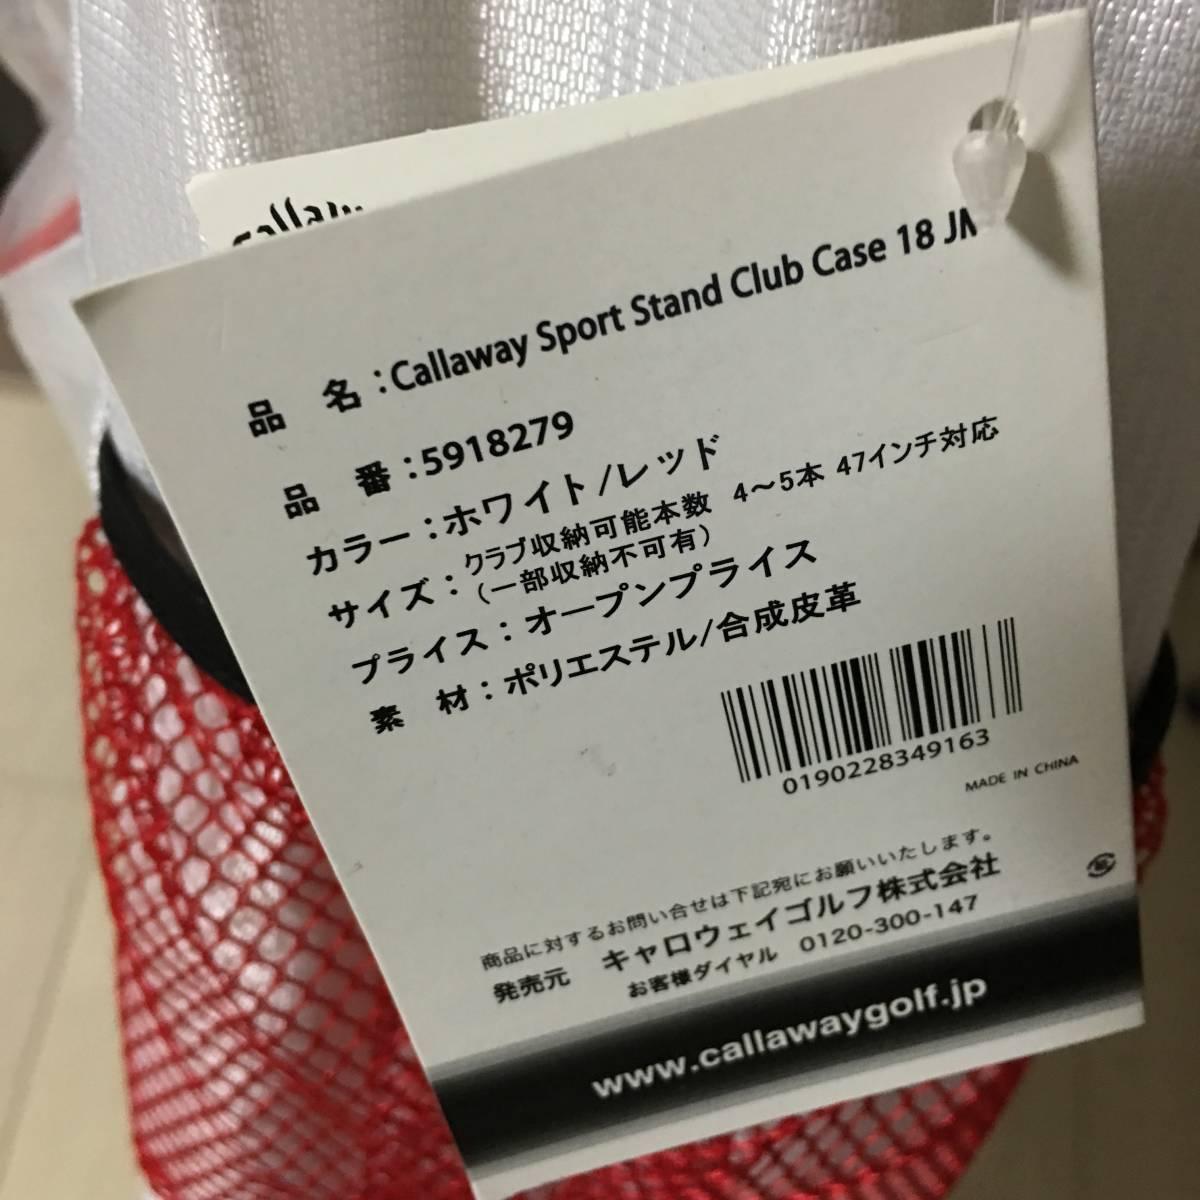 ★新品★キャロウェイ★スポーツ Sport Stand Club Case 18 JM★スタンド クラブケース★フード付き_画像5